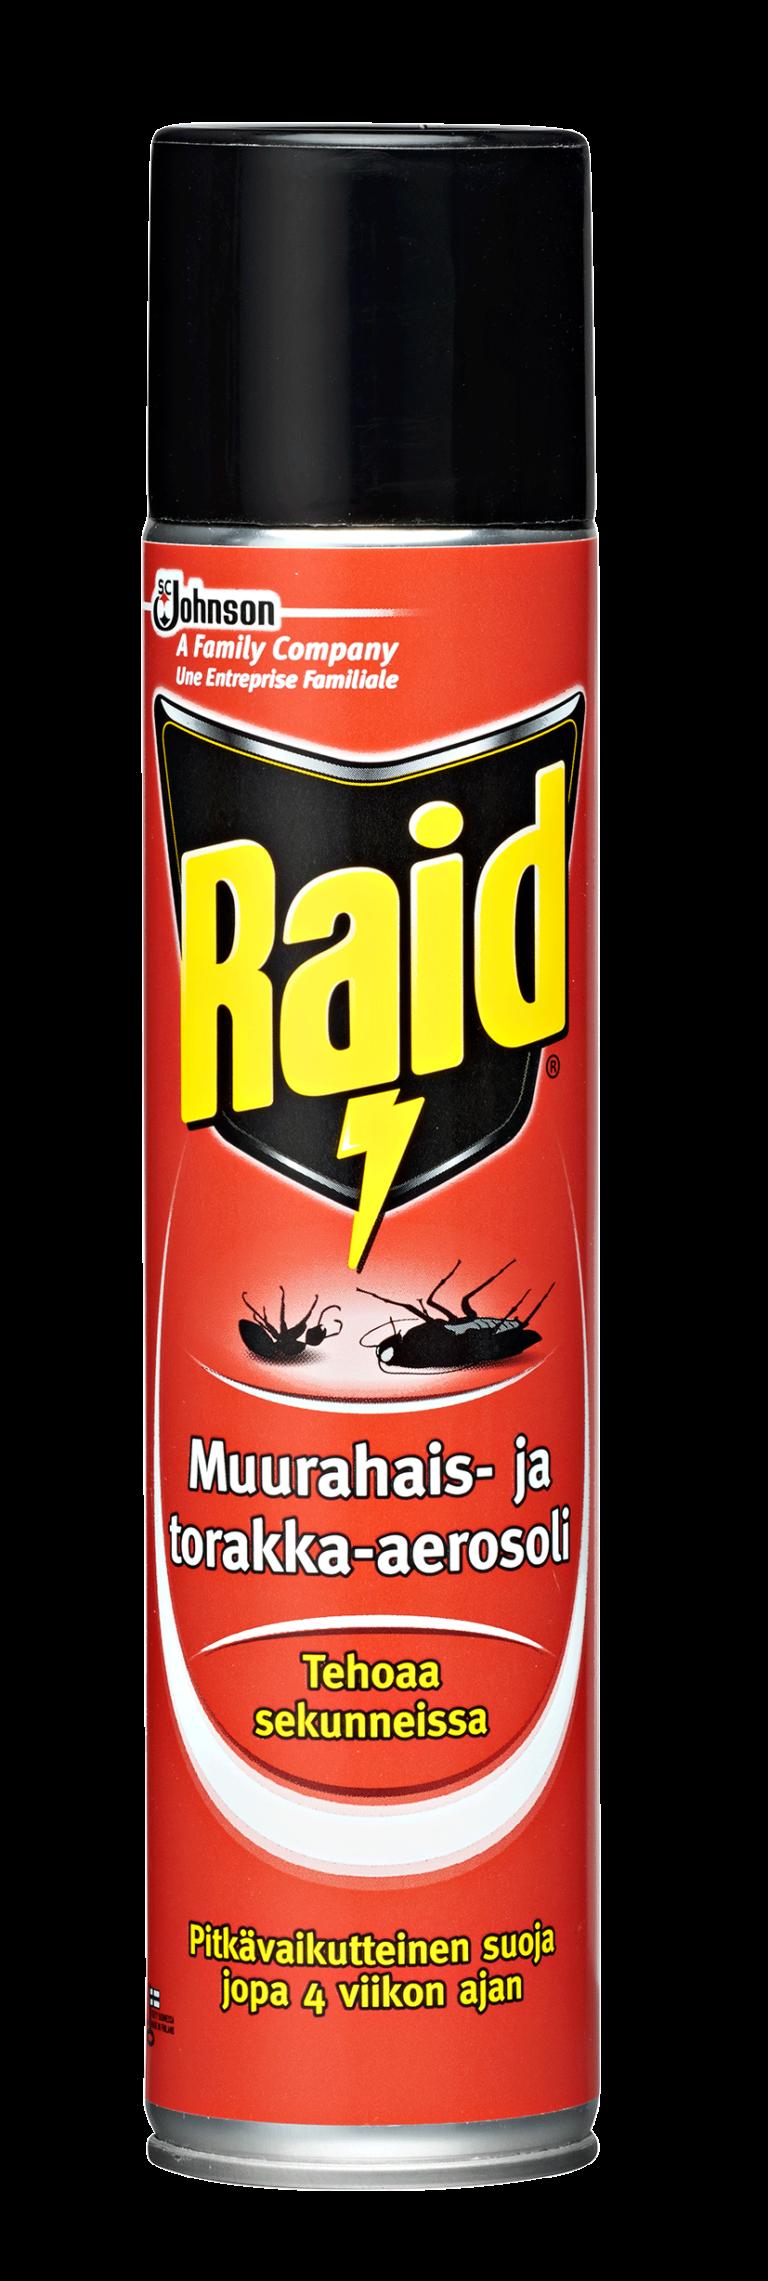 Muurahais-ja torakka-aerosoli ja torakoiden torjunta